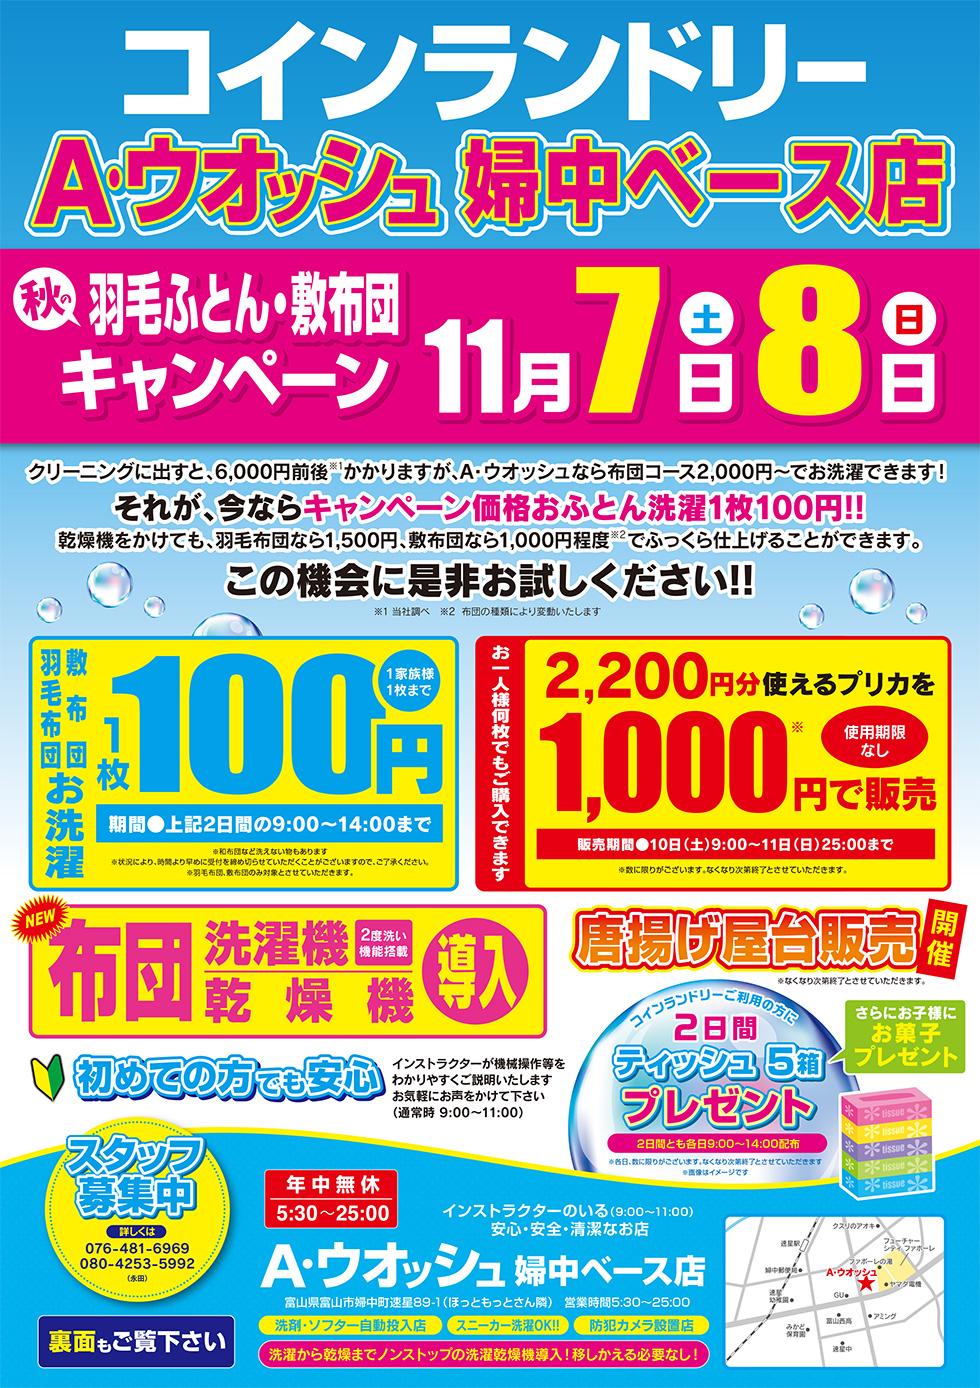 A・ウオッシュ婦中ベース店 11月7日(土)・8日(日) 秋の羽毛ふとん・敷布団キャンペーン